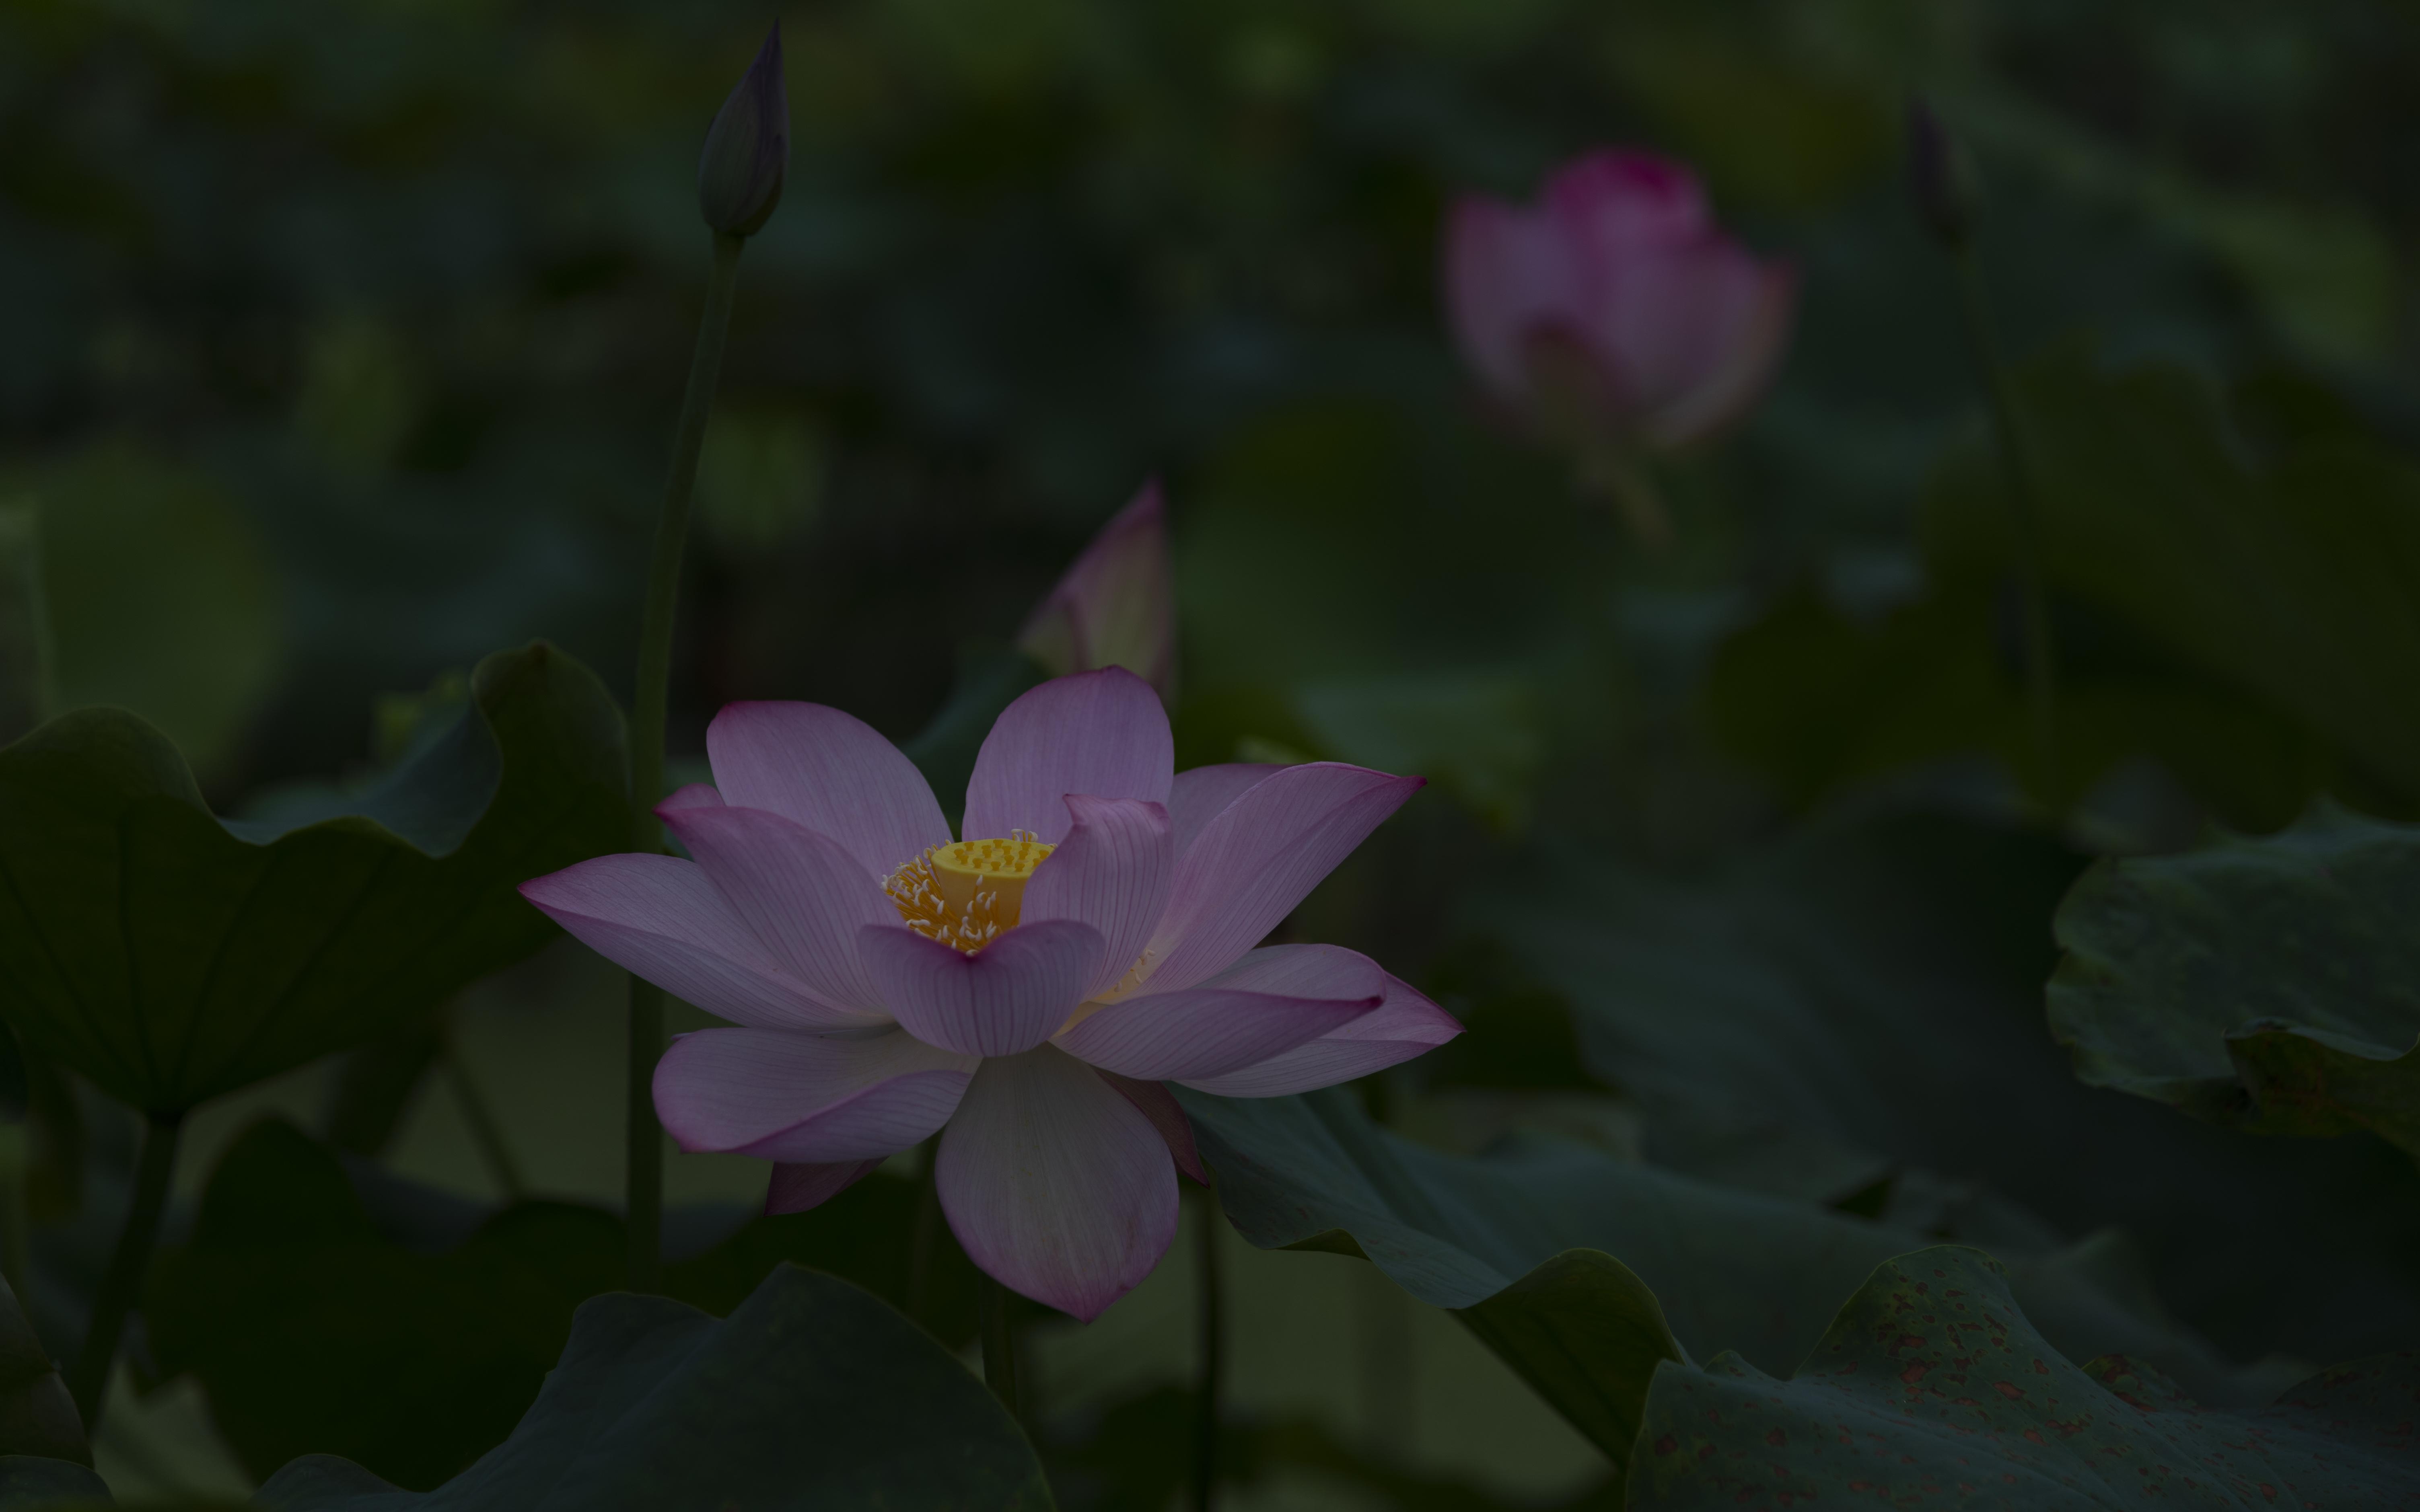 """近日,南岳景区水濂村近两百亩荷花园里的荷花进入观赏期,朵朵粉白把绿油油的荷田点缀得粉嫩清新,伴着夏日的清风,满池荷叶缱卷,层层叠叠的花瓣儿摇曳生姿,偶尔露出的暖黄色的花蕊,清香扑鼻,醉倒了前来采食的蜻蜓和蜜蜂。游人漫步栈道,或是举手自拍,或是戏水流连,尽情享受着这""""接天莲叶无穷碧,映日荷花别样红""""的写意乡村画卷。(周翔宇 摄影报道)"""